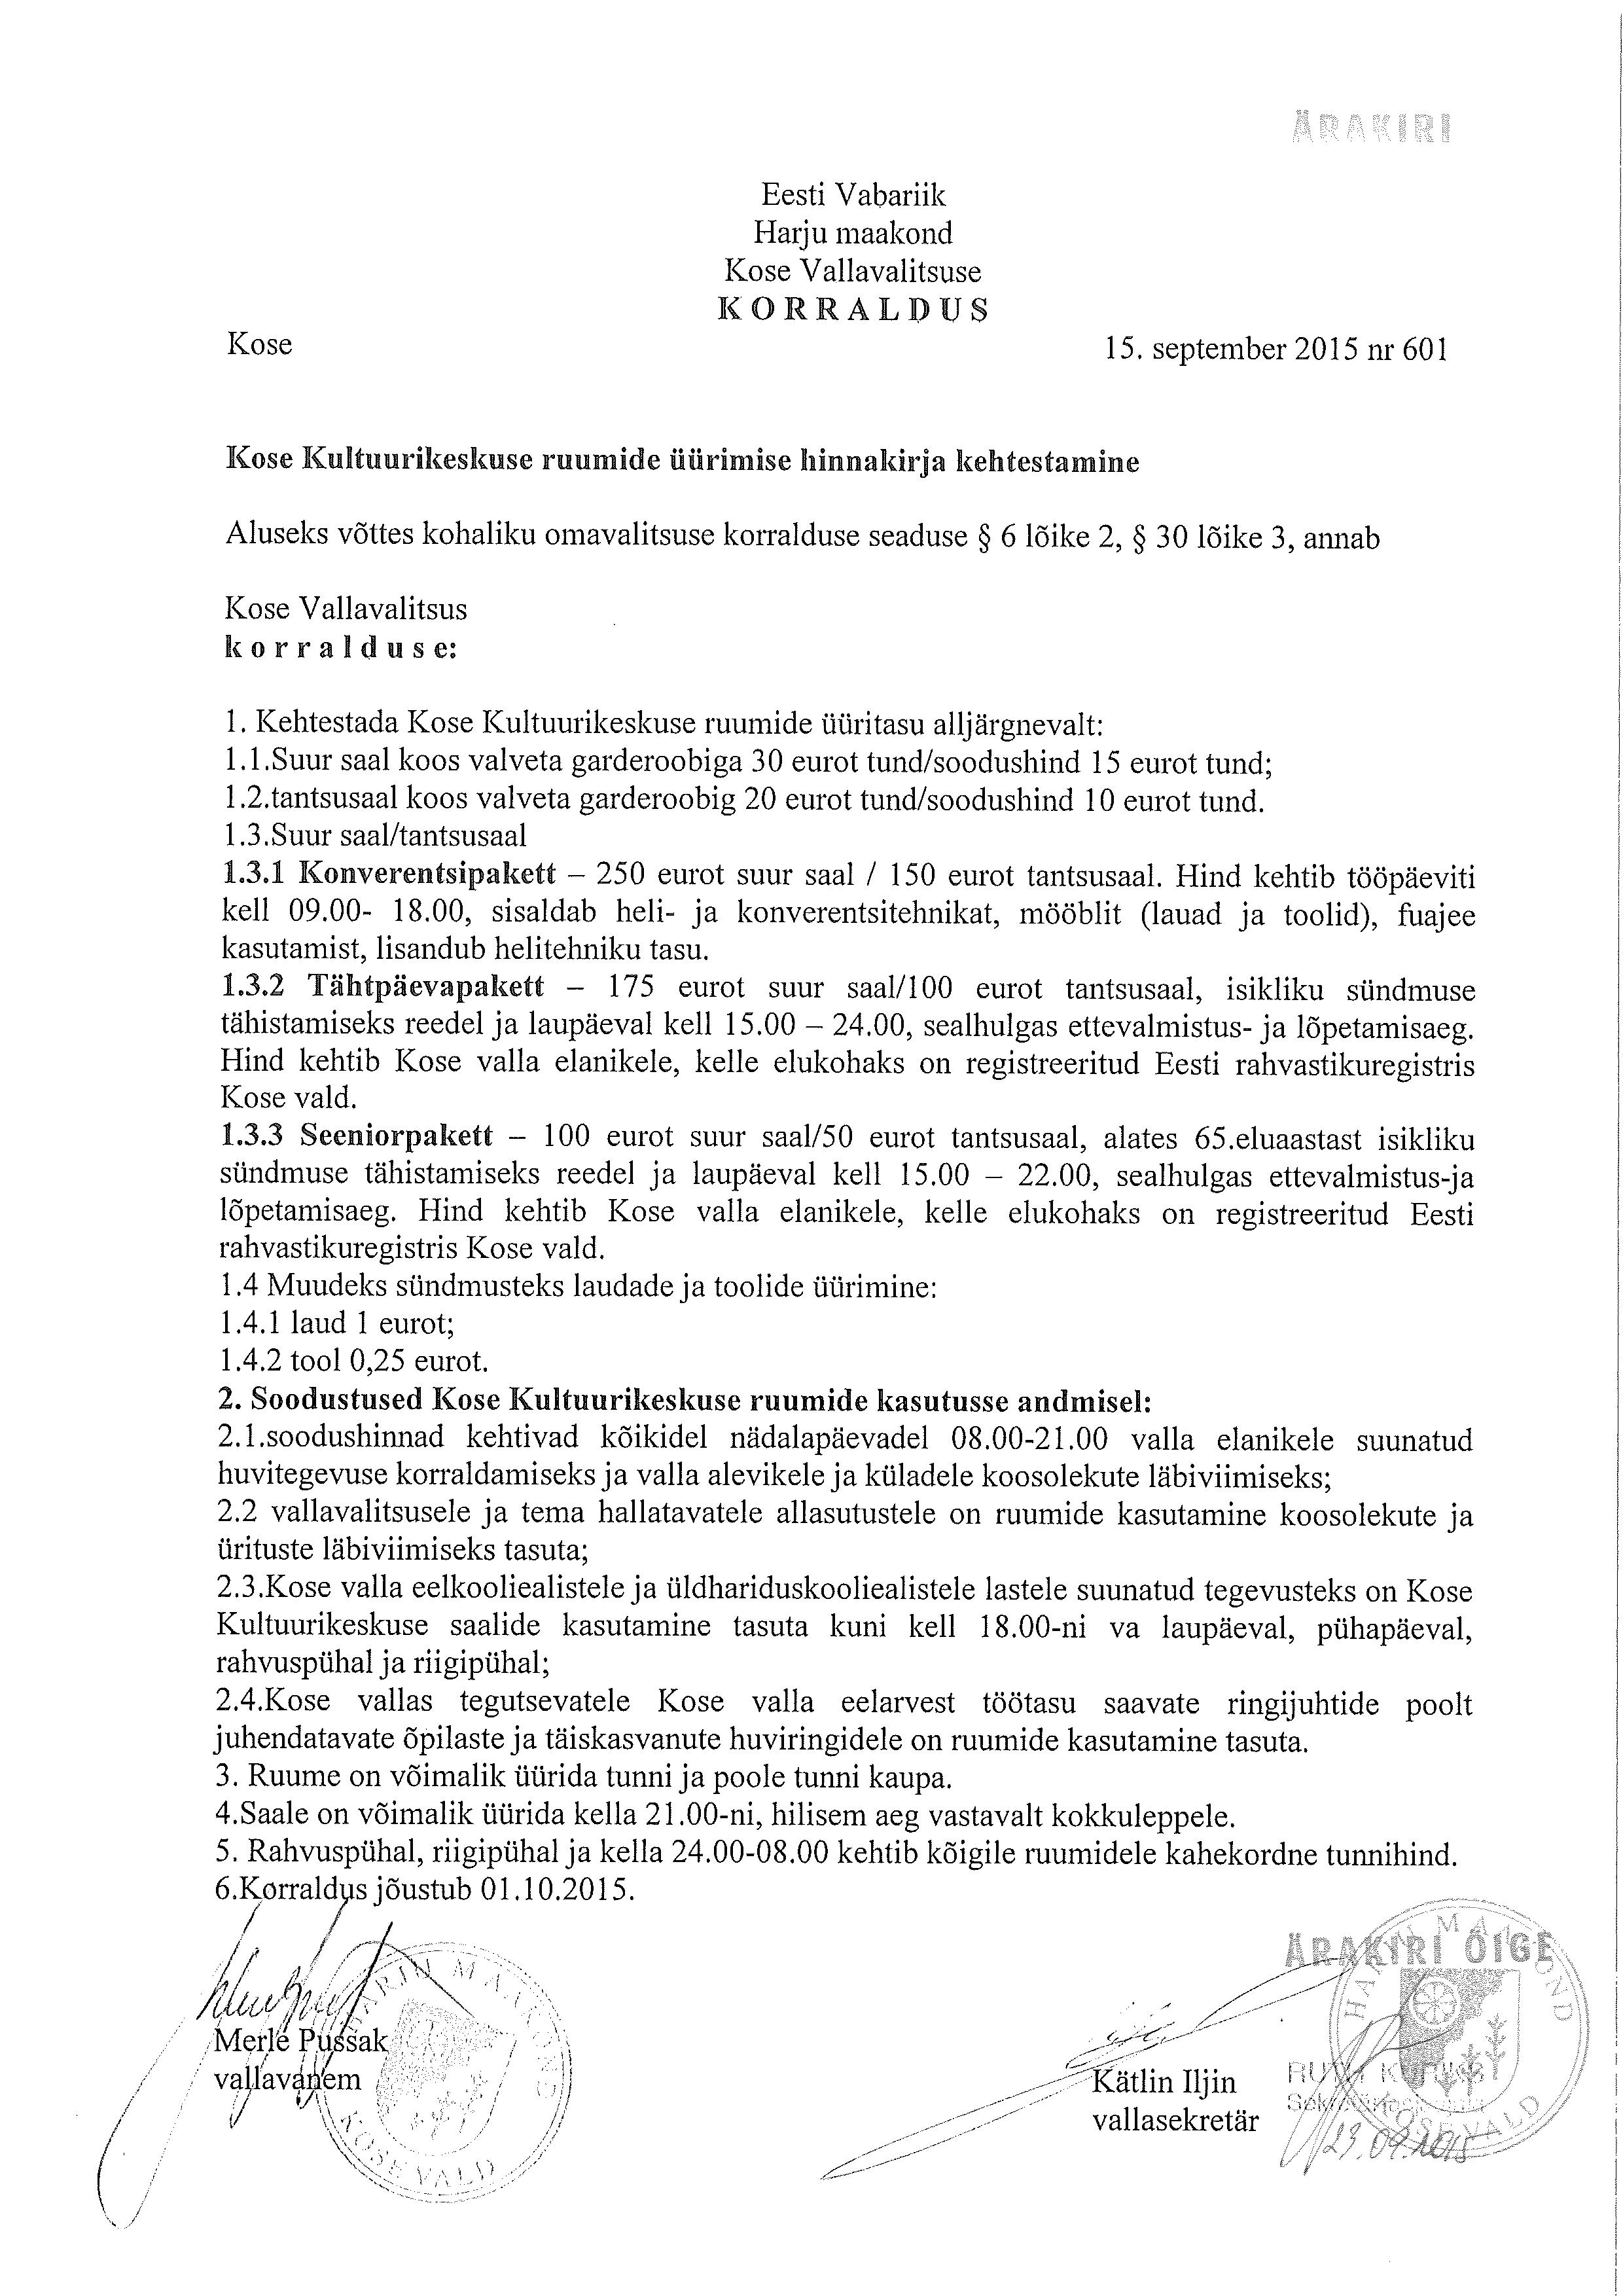 hinnakiri-jpg-m66tus